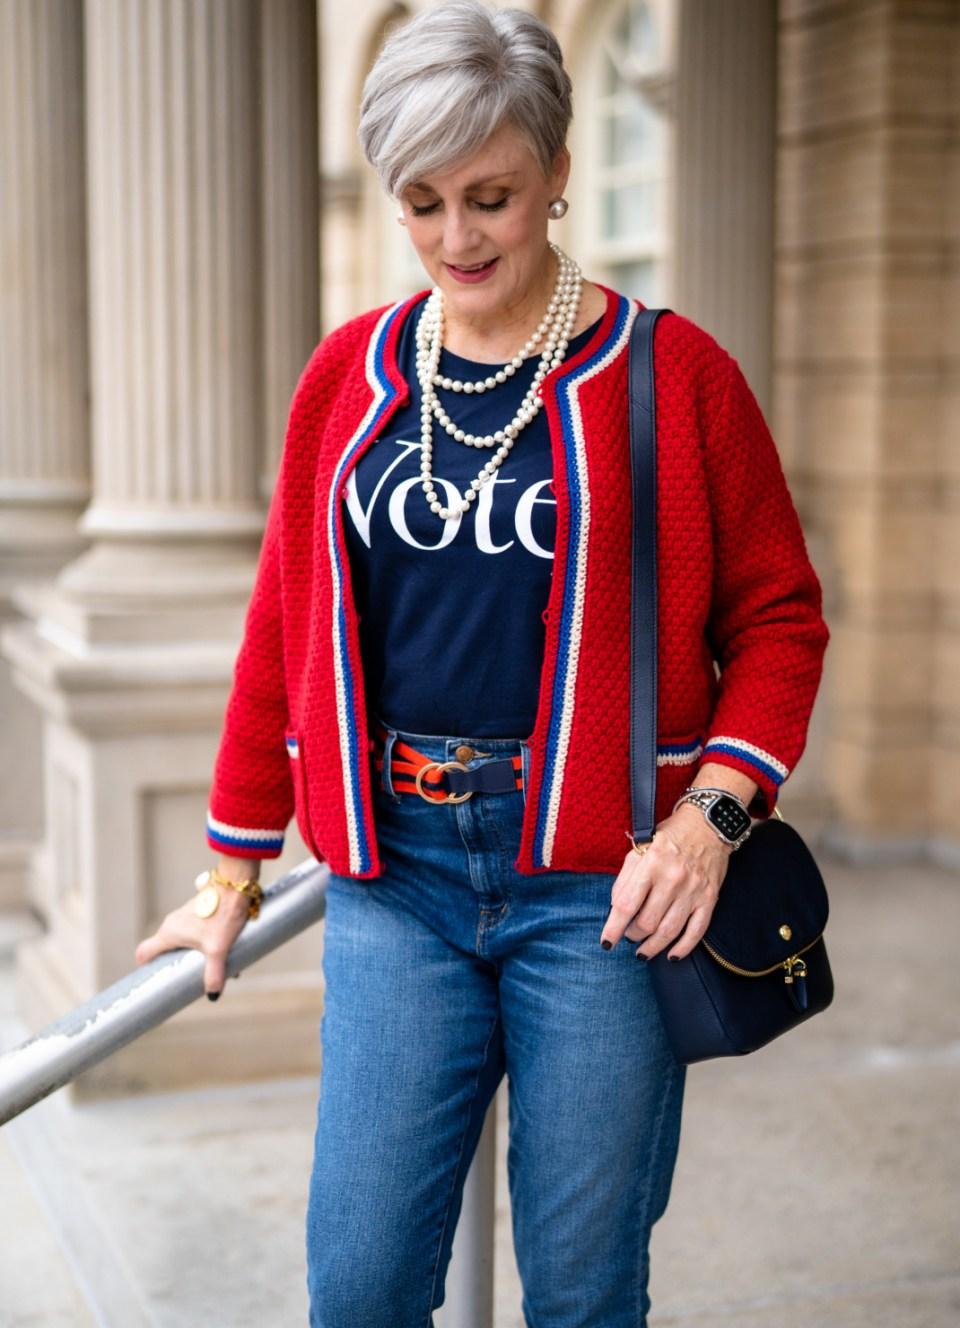 it's a privilege to vote